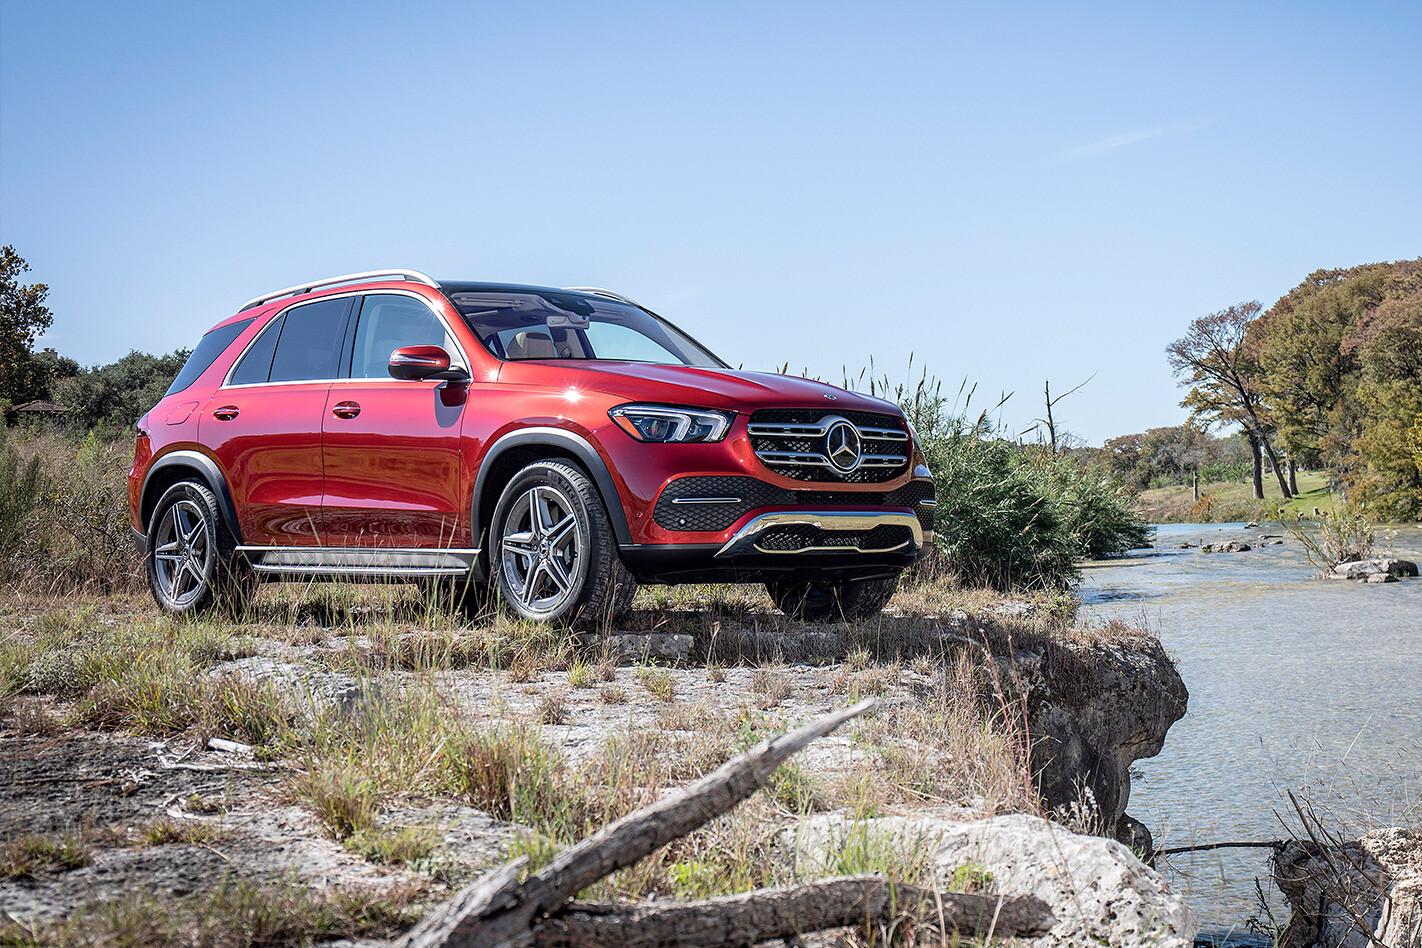 Mercedes Benz Gle Qtr Jpg